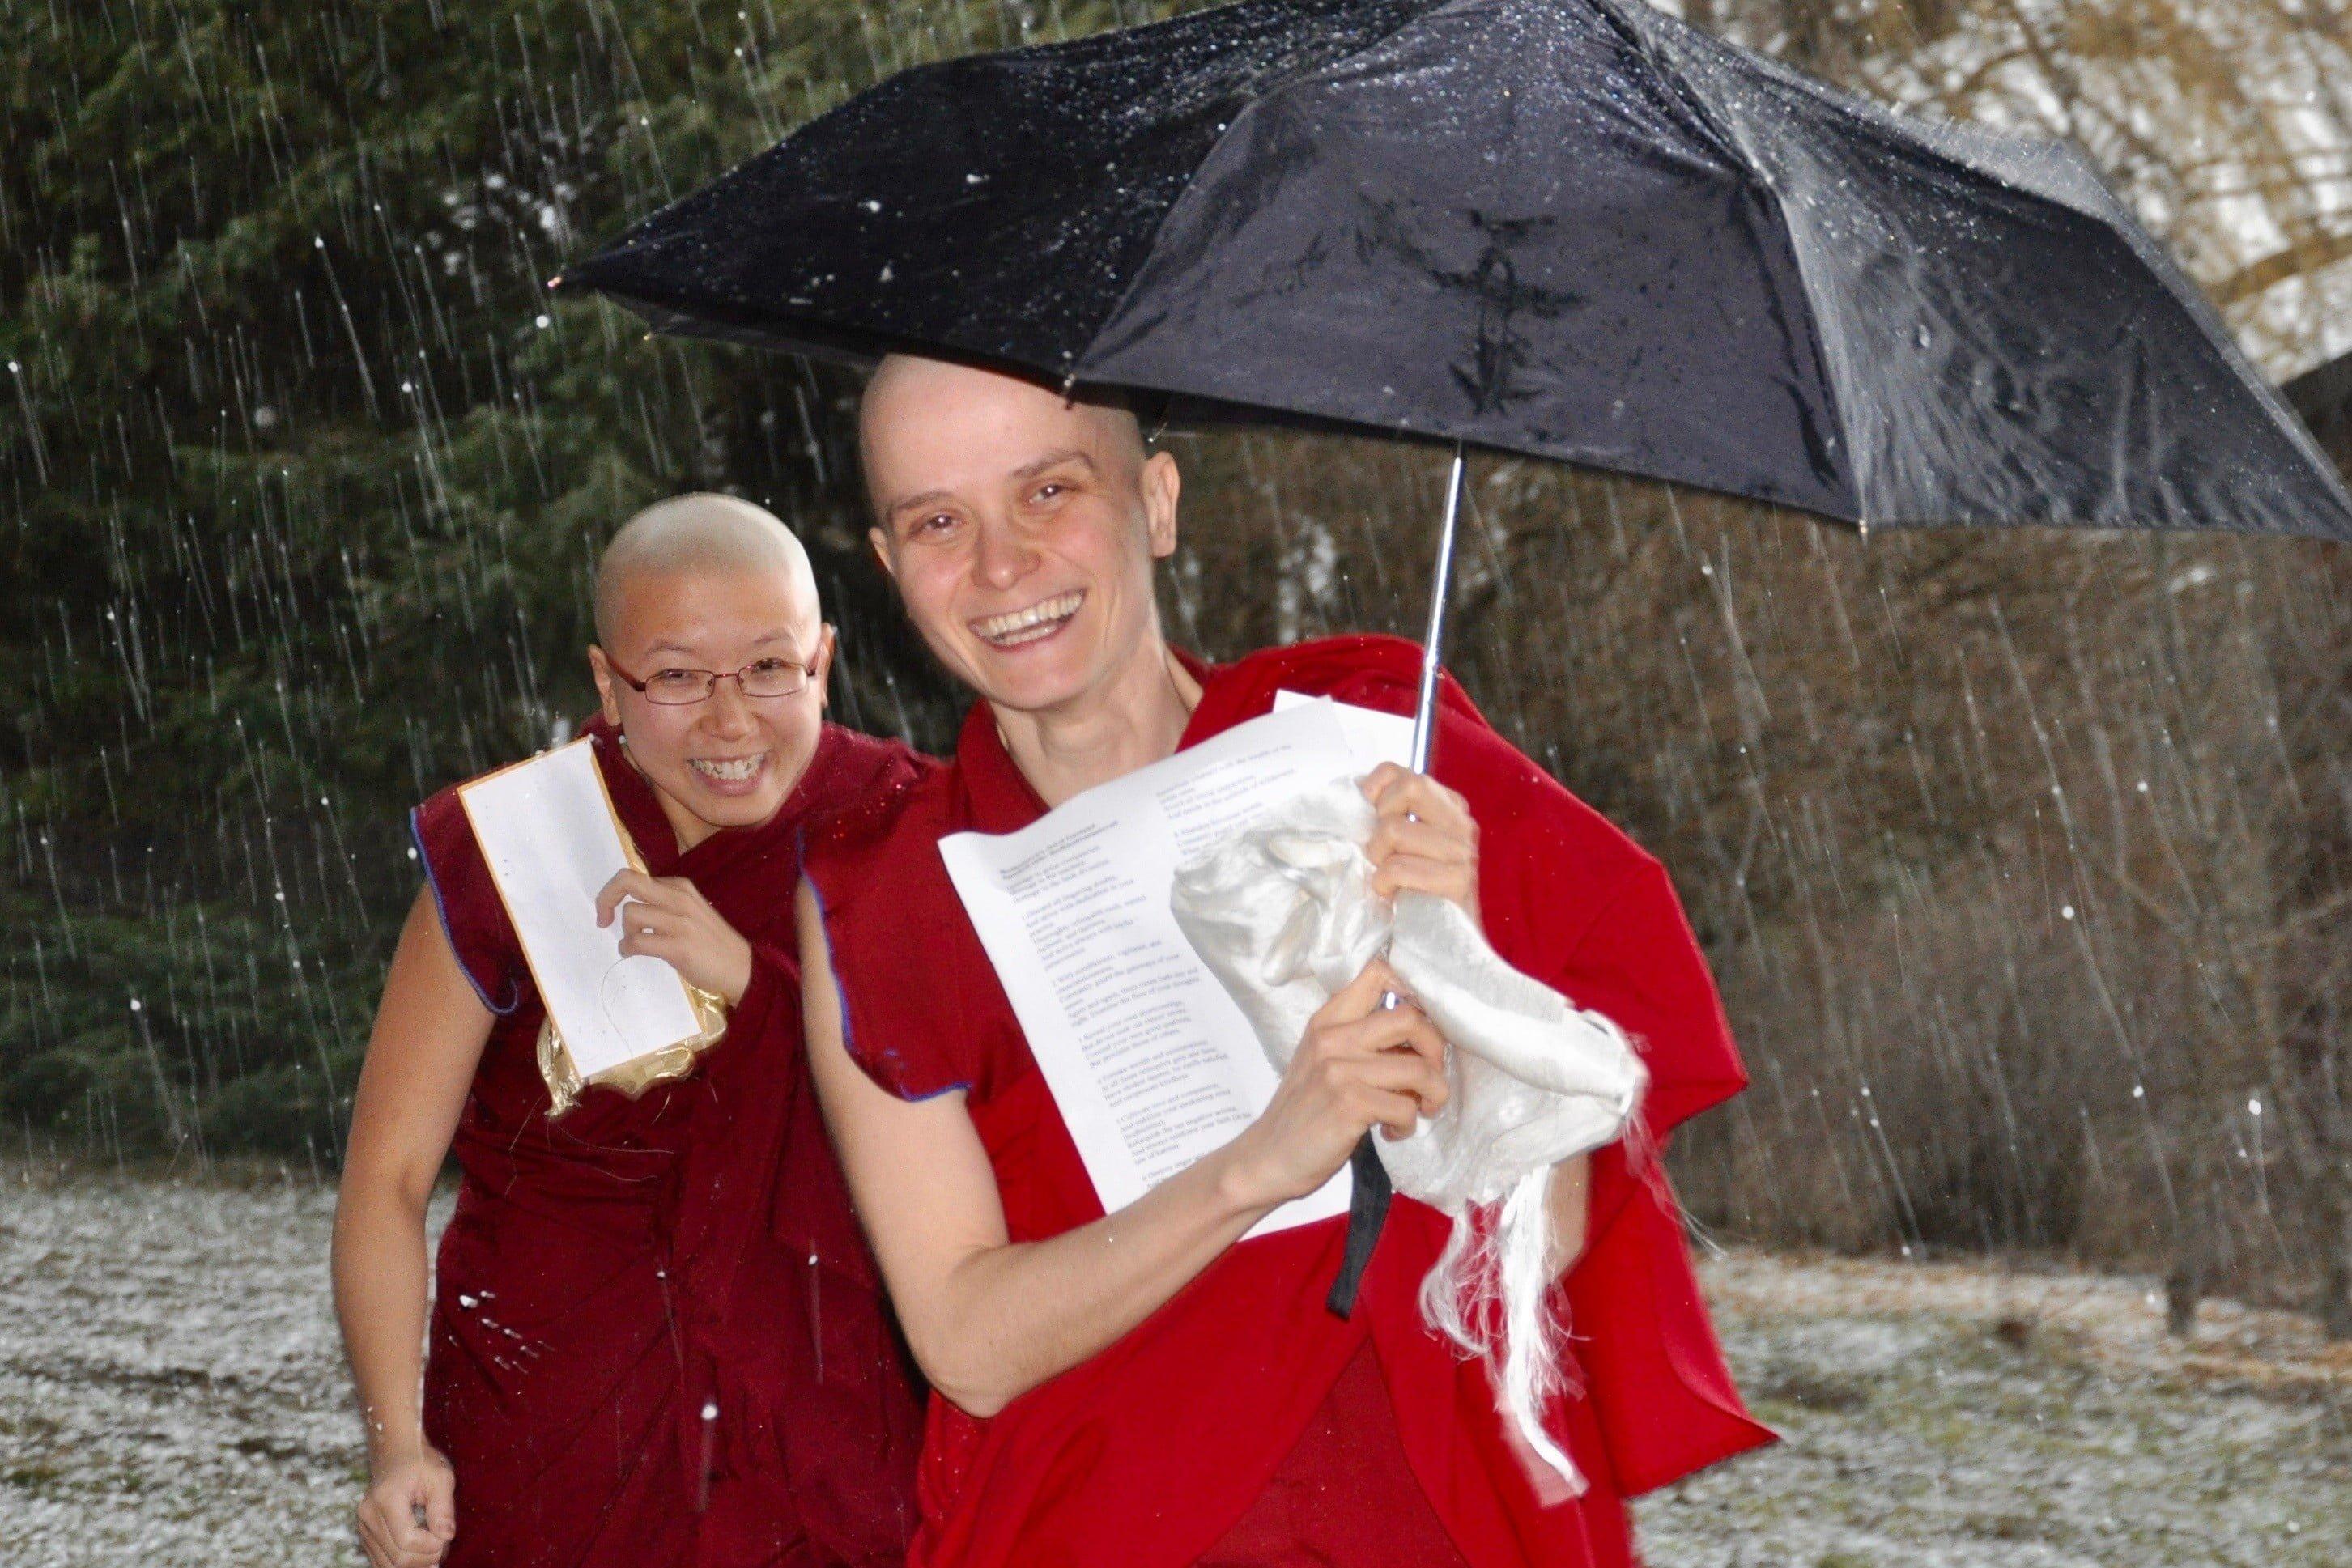 Happy nuns in the rain.